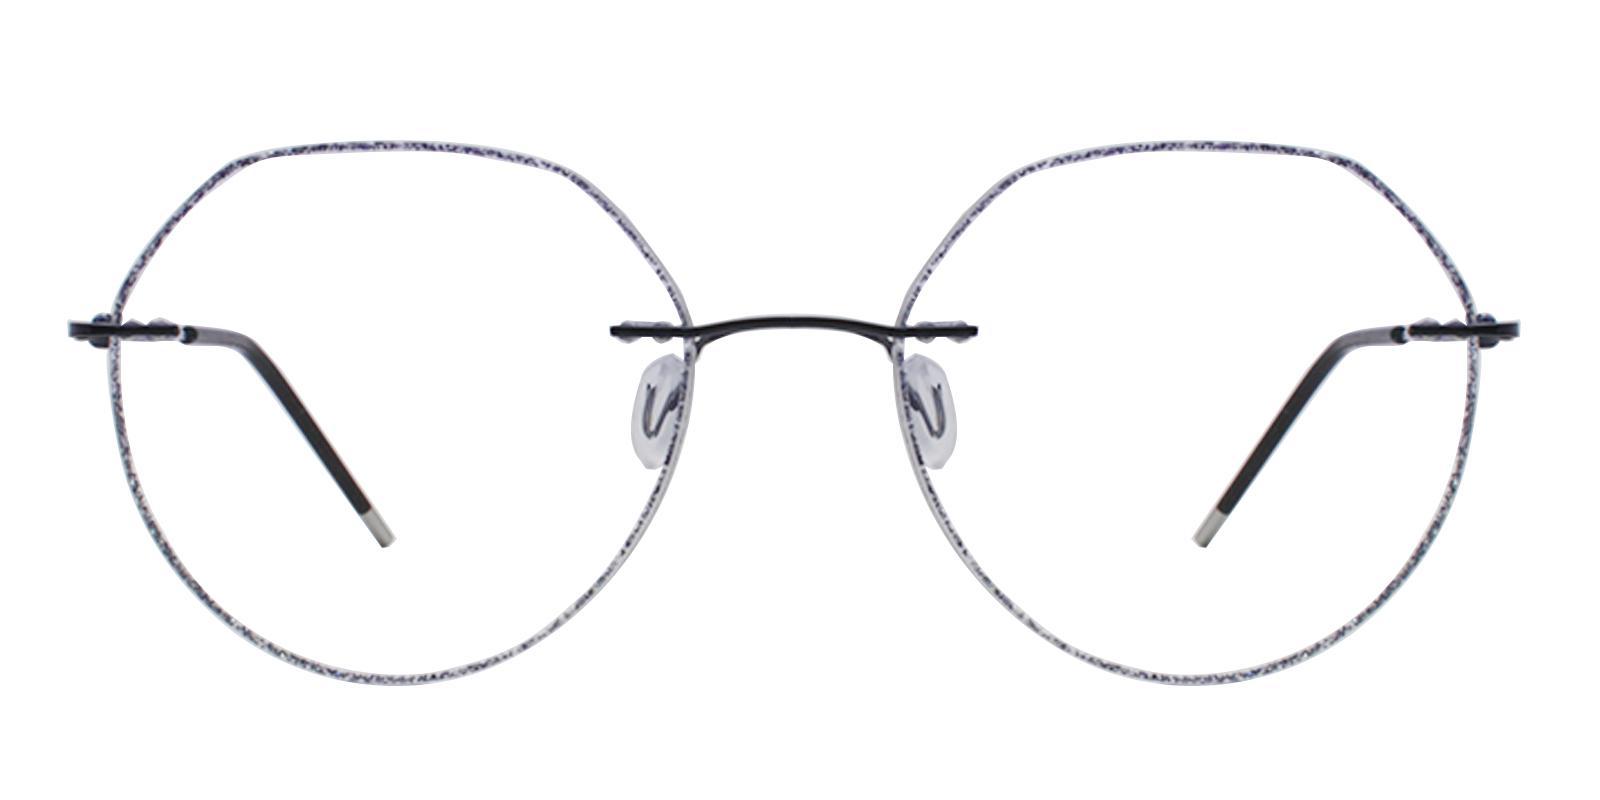 Piper Black Titanium Eyeglasses , NosePads Frames from ABBE Glasses